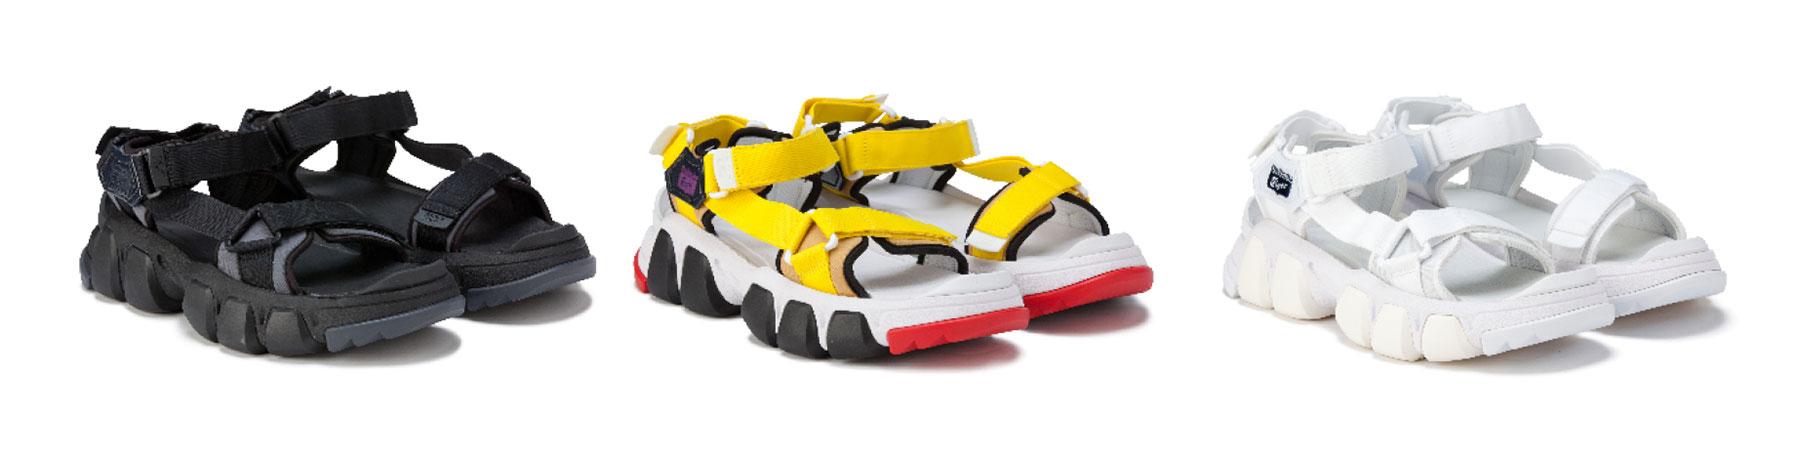 3 mẫu dép sandal Onitsuka Tiger cho người mê phong cách streetwear 2